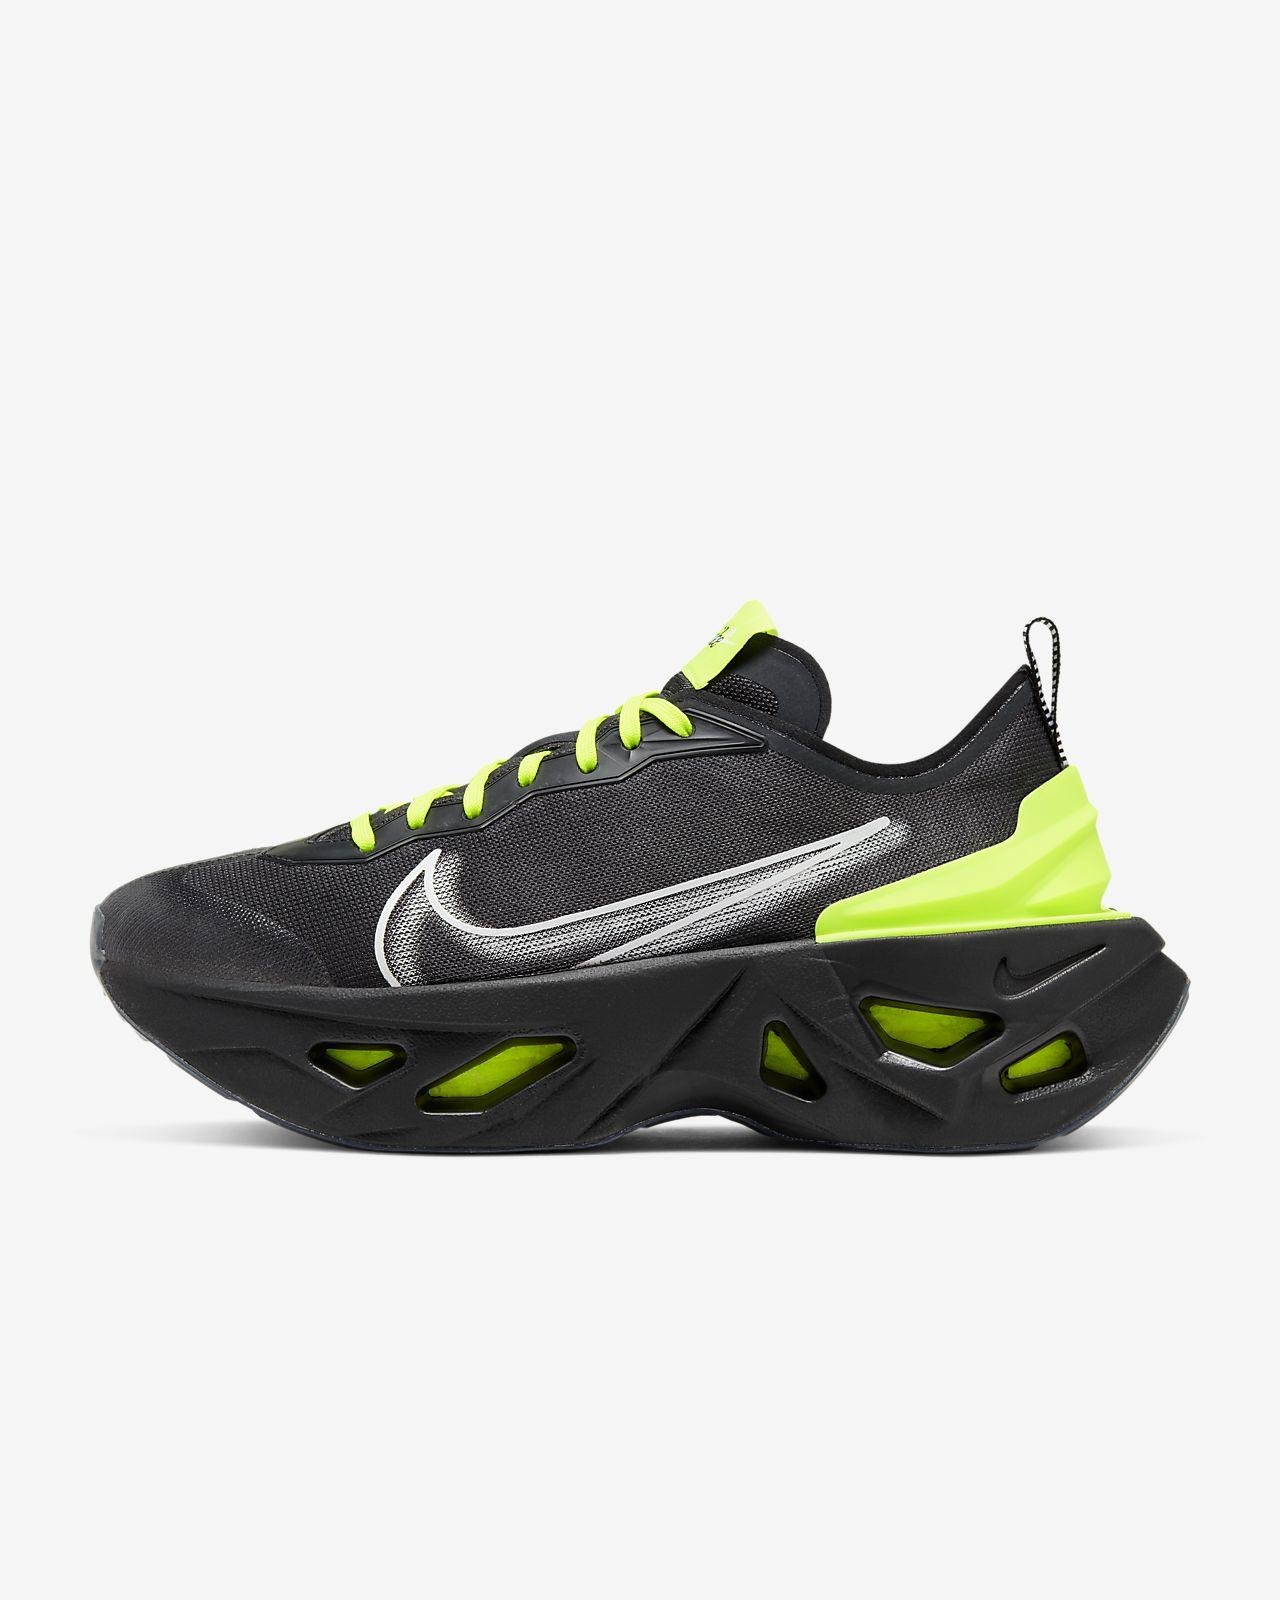 Nike Outdoor Shoes Sale United Kingdom Cheap Nike Shoes